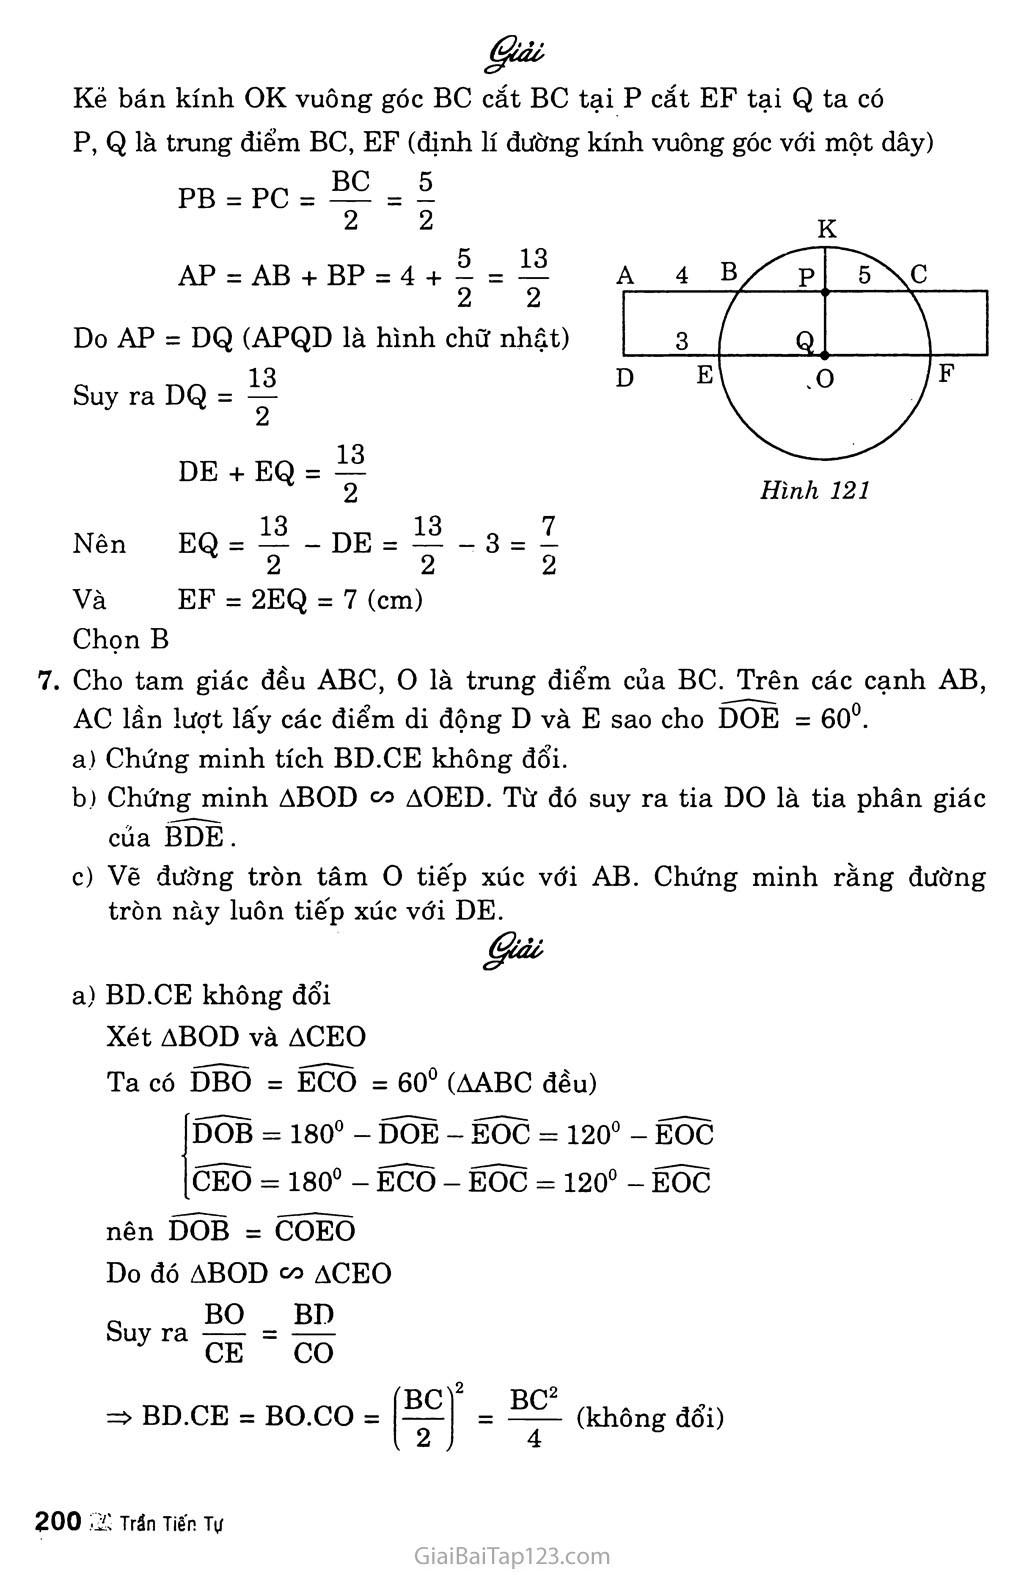 Bài tập ôn cuối năm trang 14